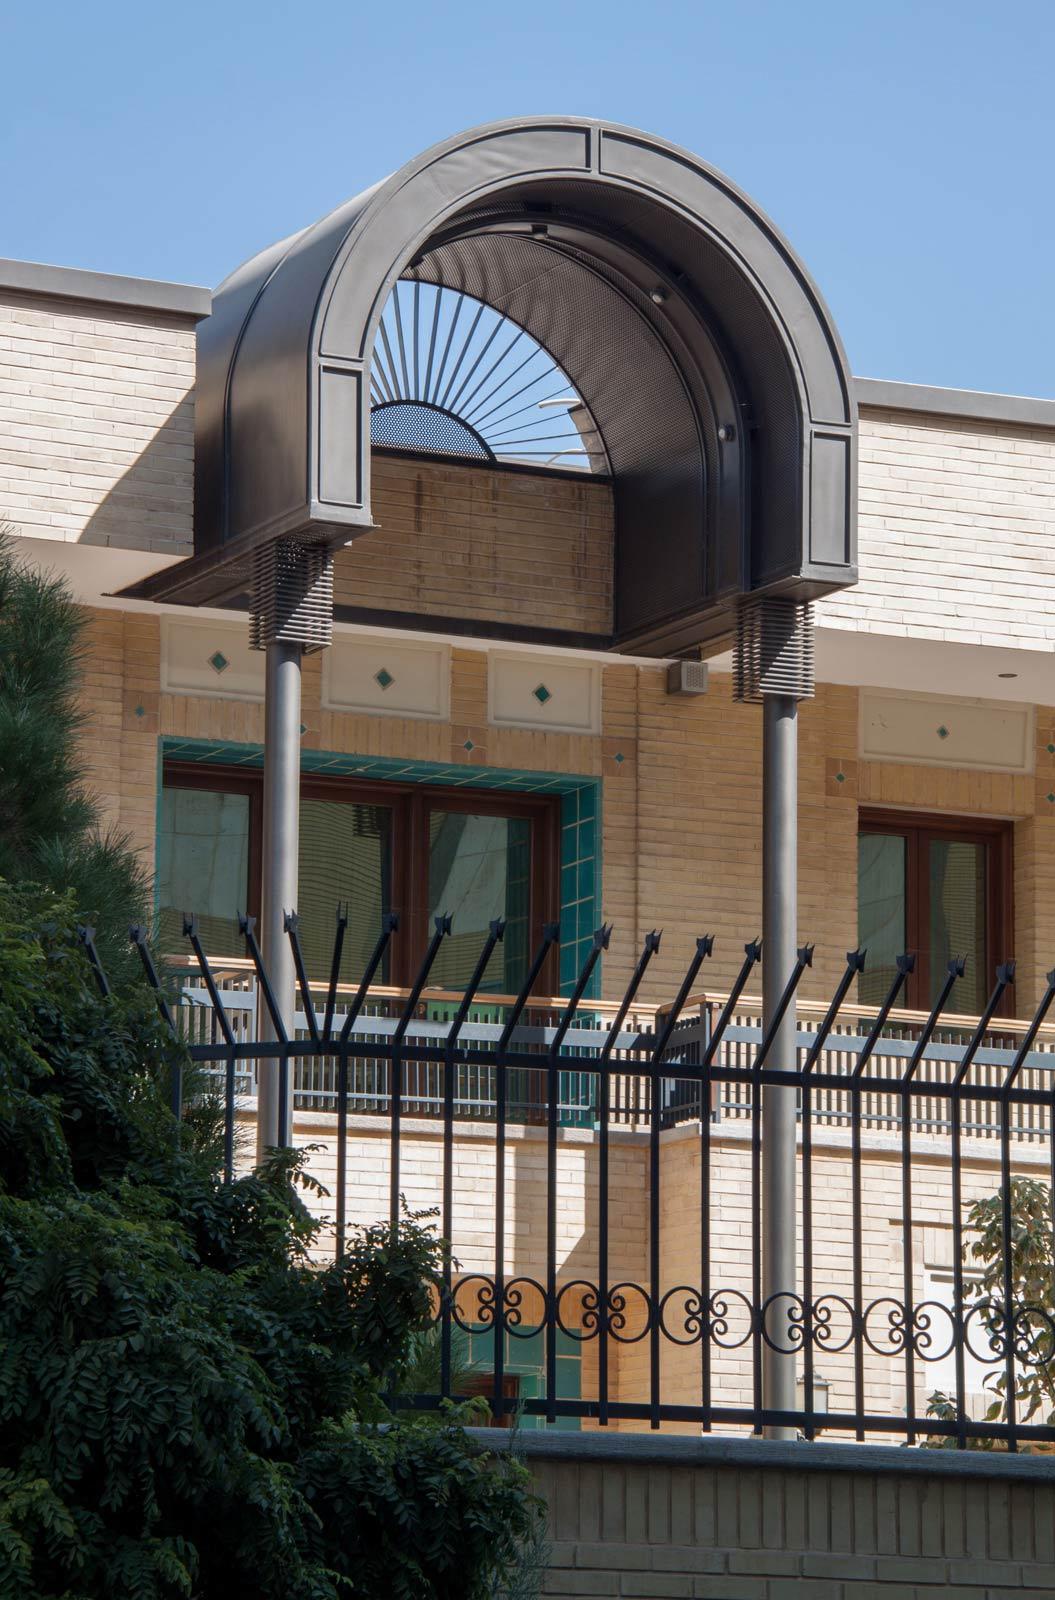 خانه ای در کوچه آسیاب